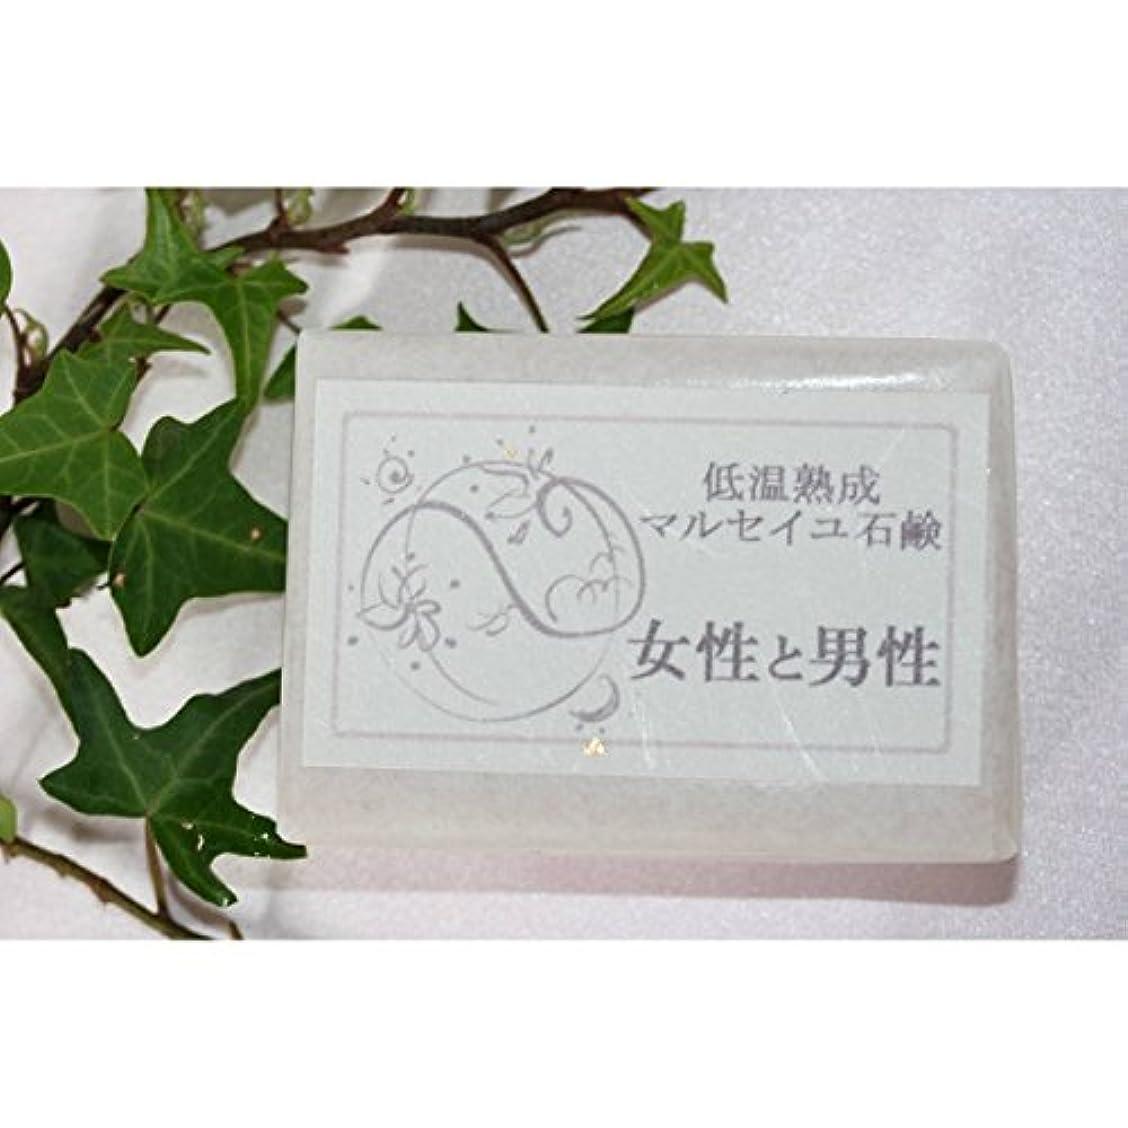 抑圧予測子動機付けるマウントフジ フラワーエッセンス 低温熟成 マルセイユ石鹸 「女性と男性」 (MTFUJI FLOWER ESSENCES)